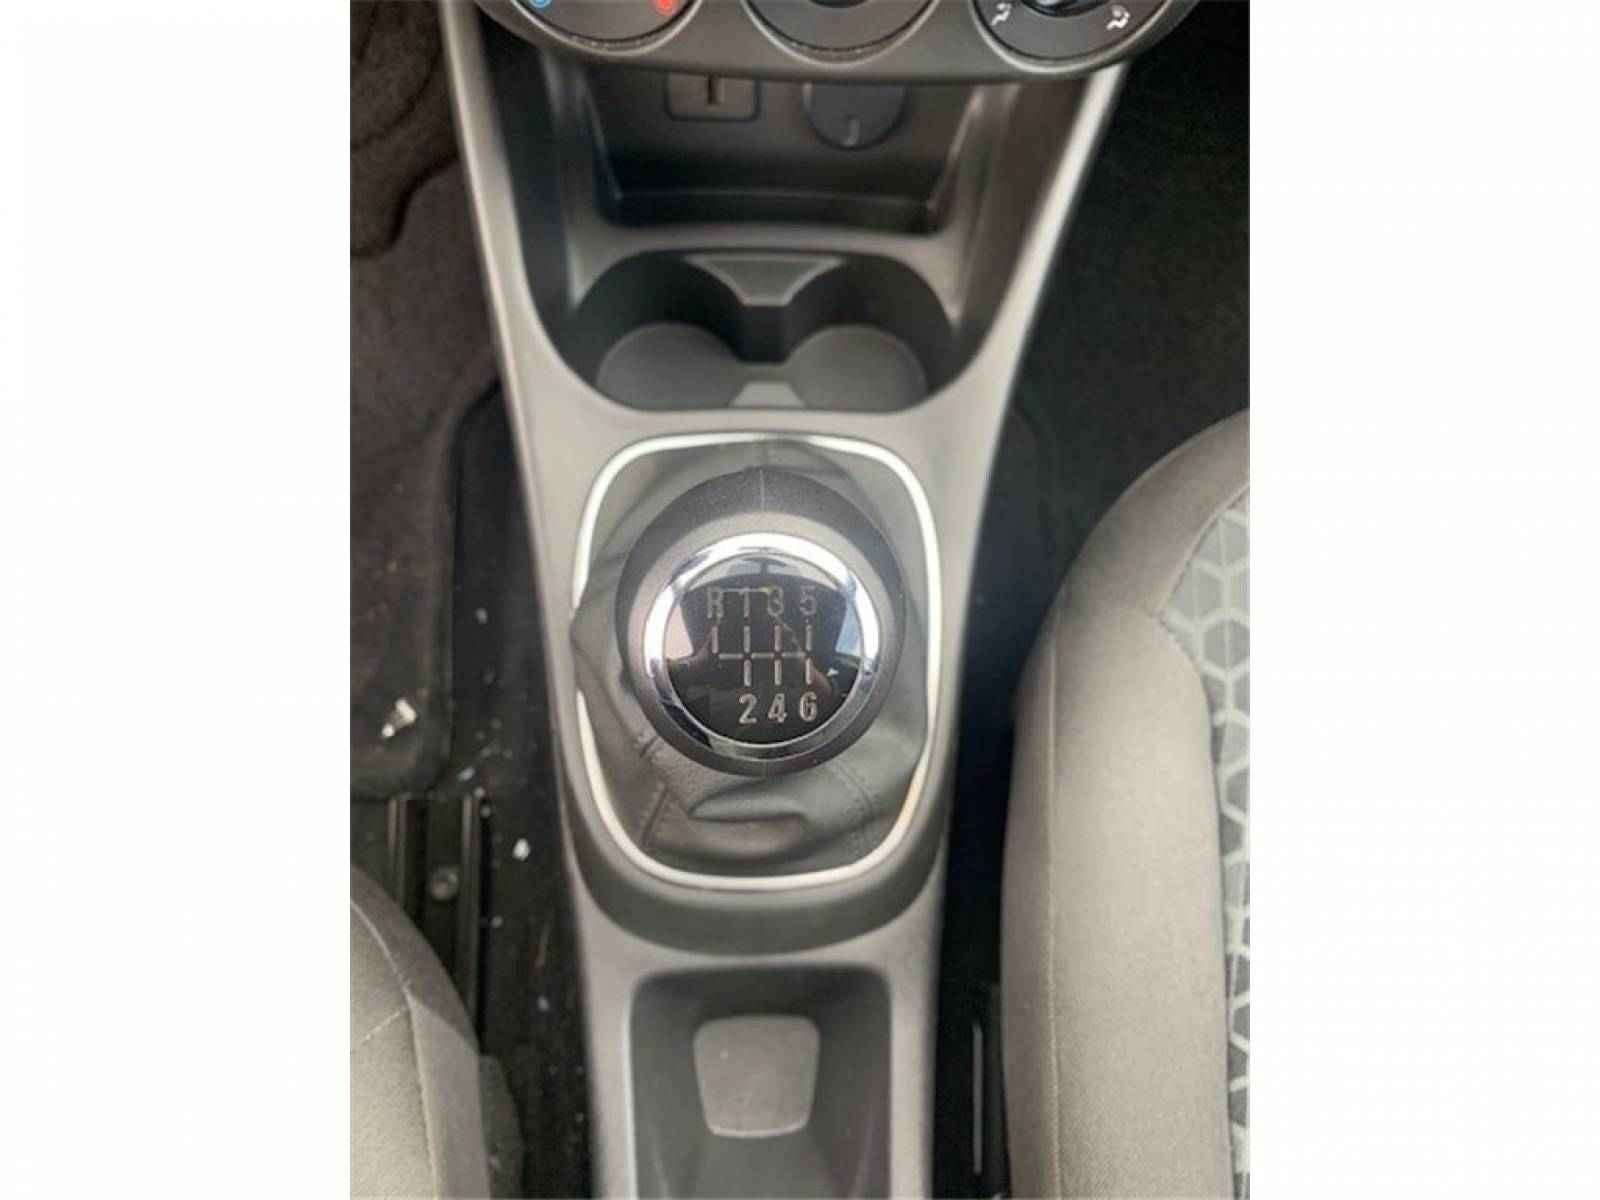 OPEL Corsa 1.0 Ecotec Turbo 90 ch - véhicule d'occasion - Groupe Guillet - Hall de l'automobile - Montceau les Mines - 71300 - Montceau-les-Mines - 31